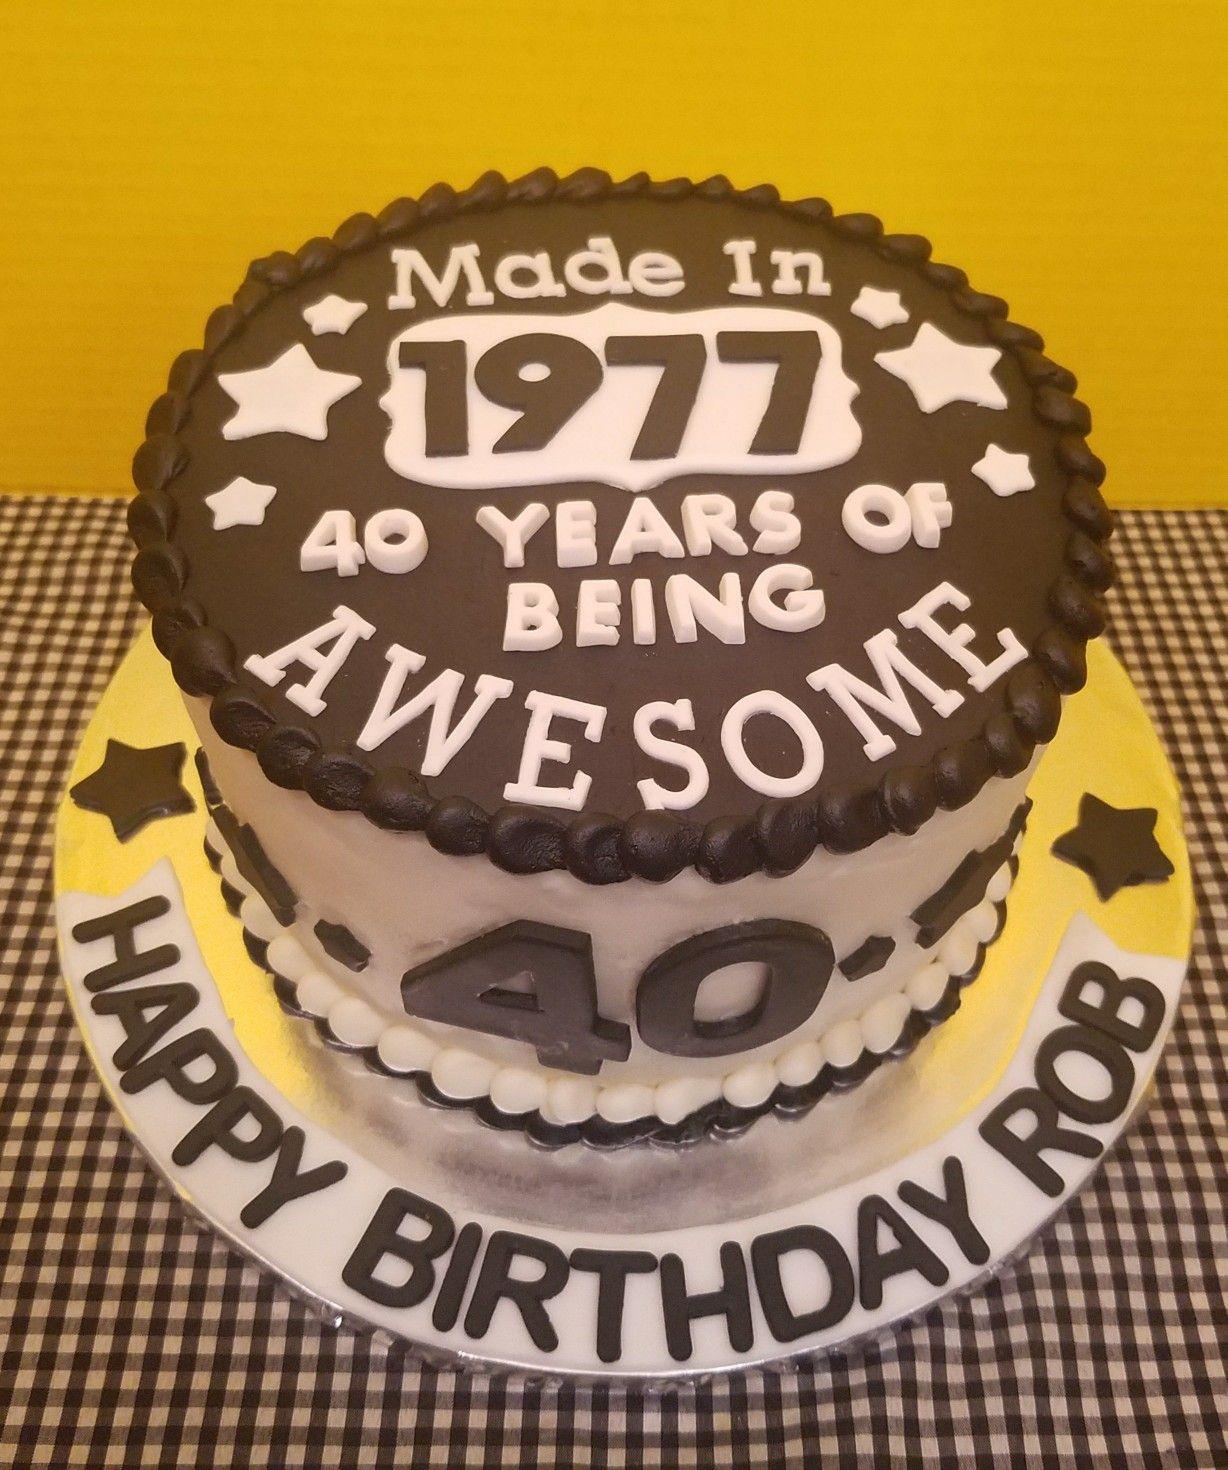 Easy 40th Birthday Cake Ideas For Him Novocom Top